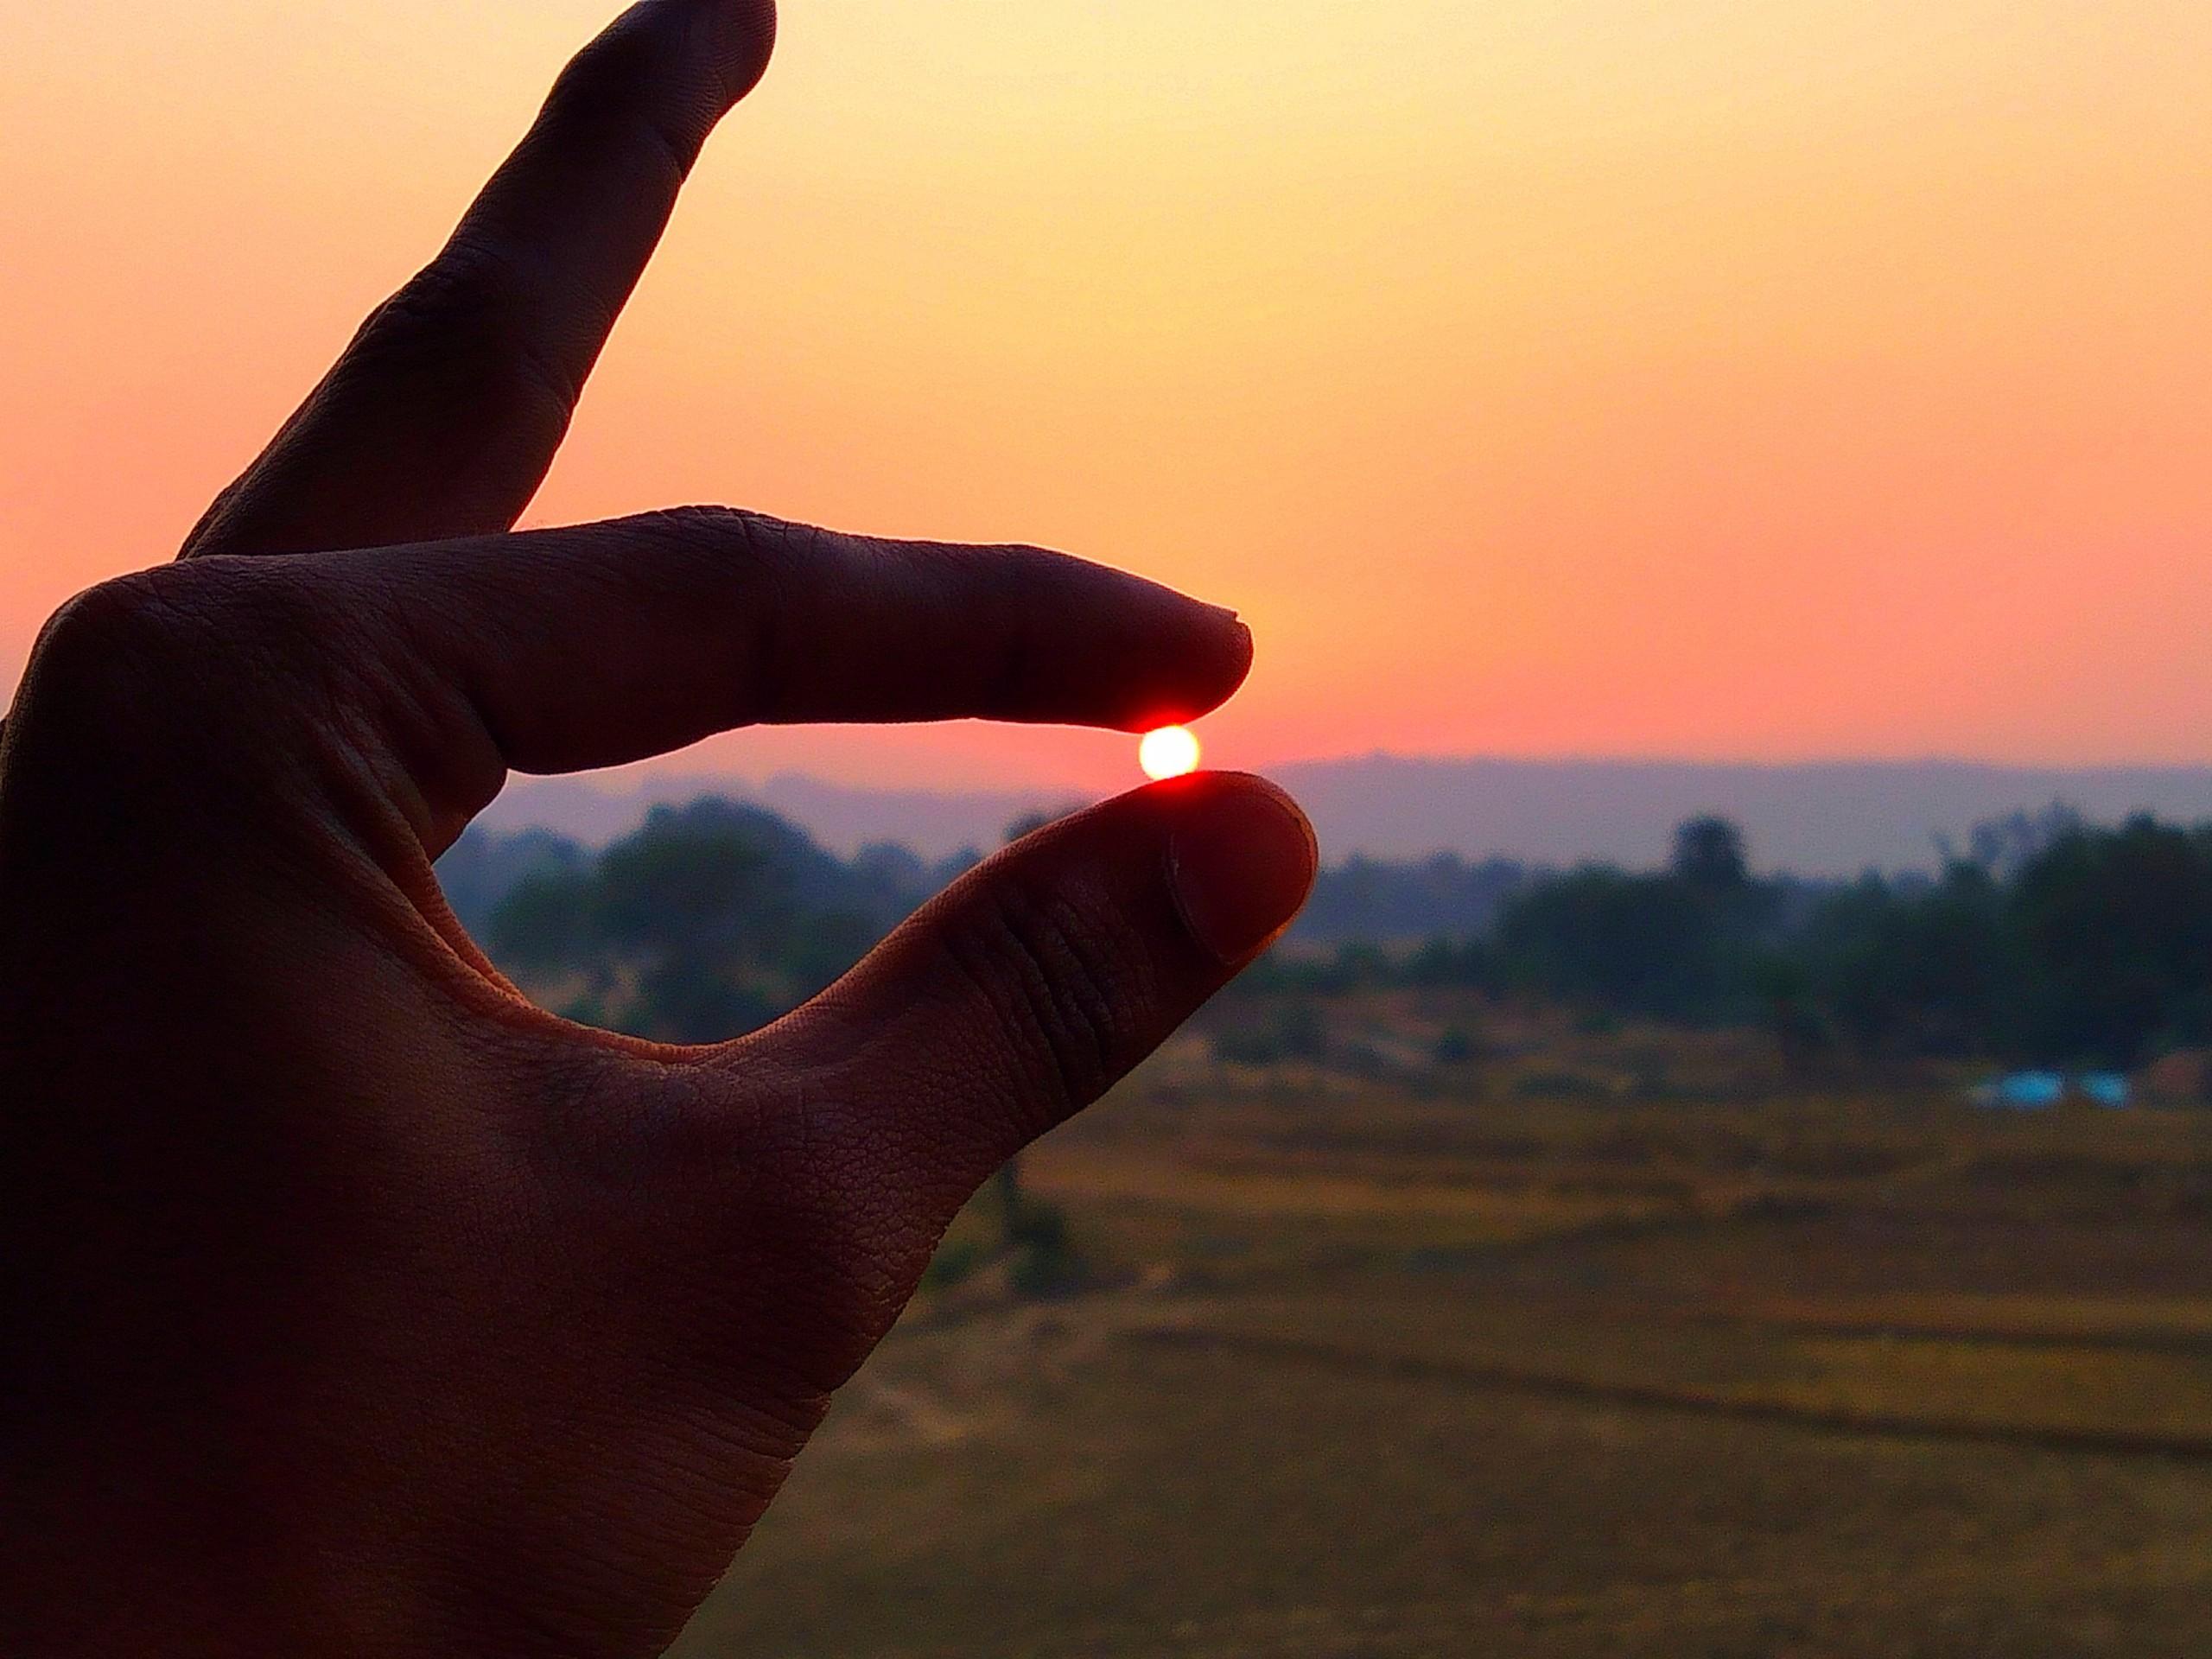 sun between fingers